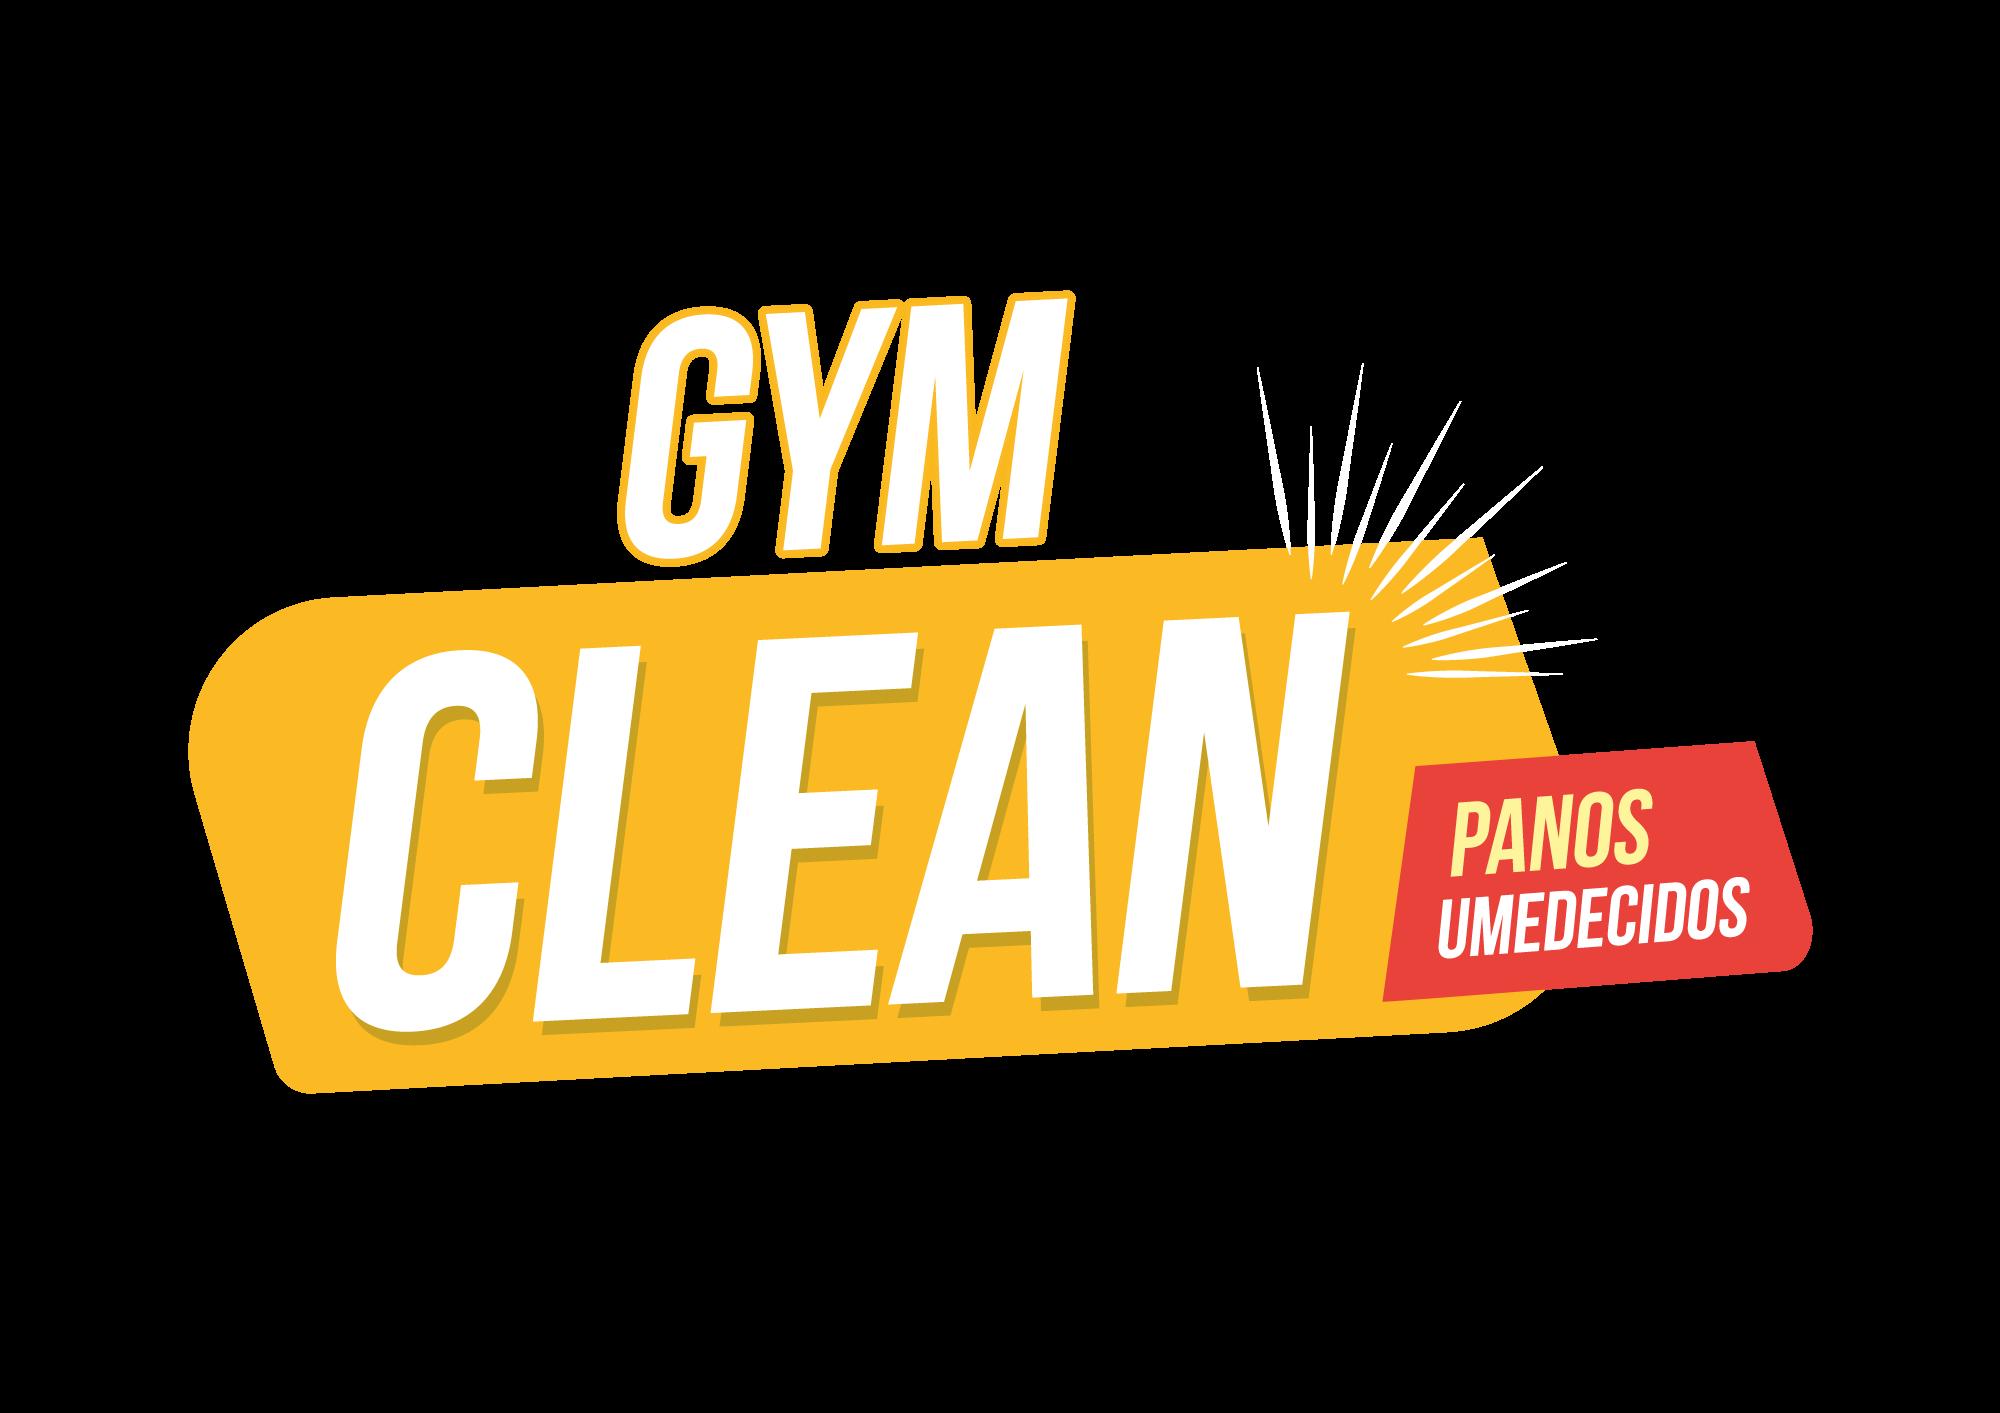 Gym Clean